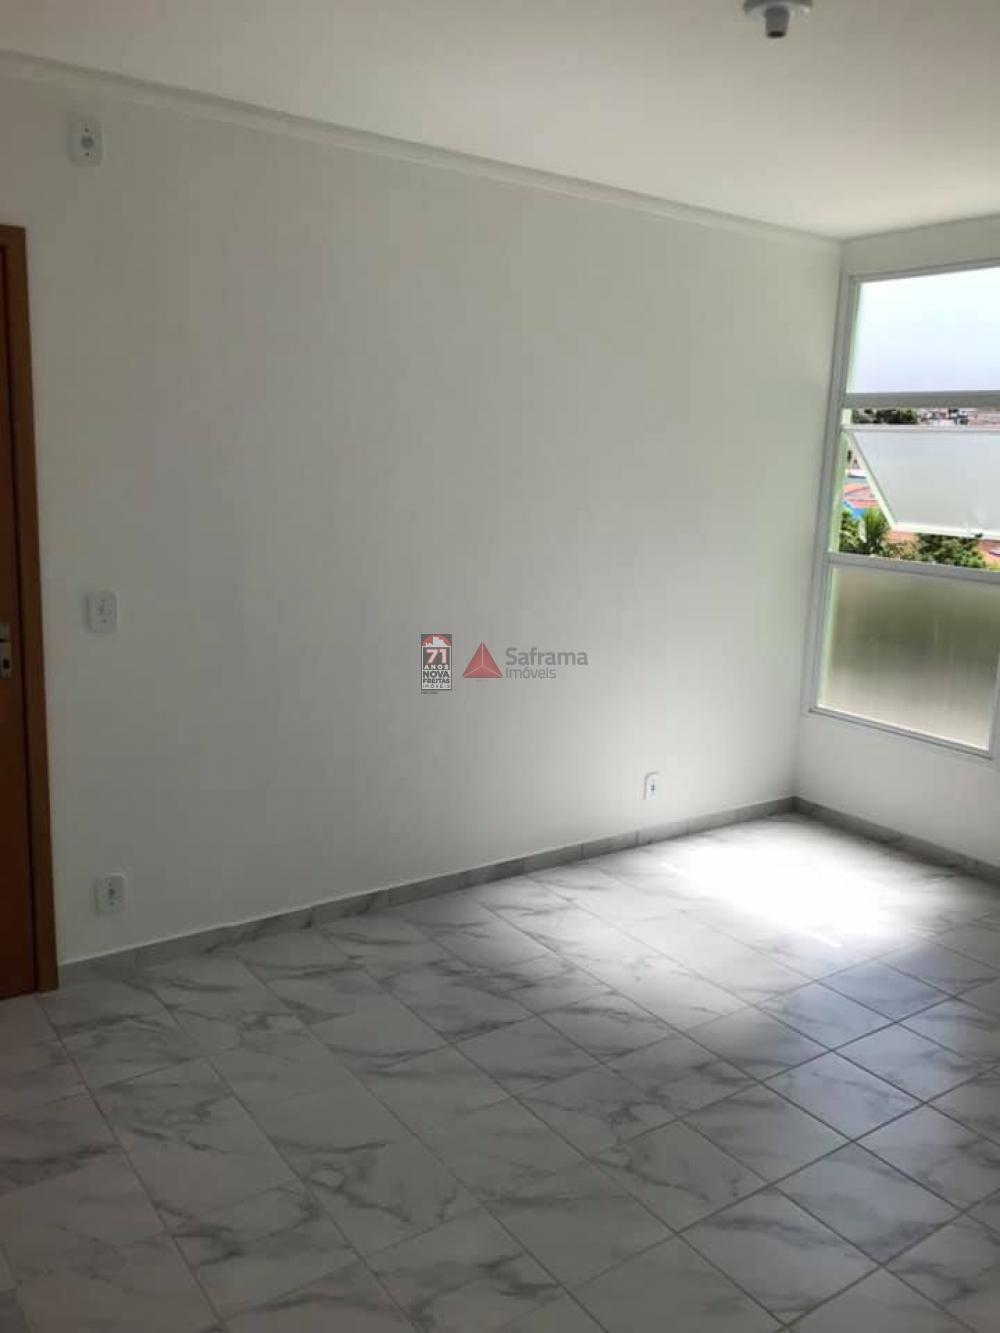 Comprar Apartamento / Padrão em Jacareí apenas R$ 163.900,00 - Foto 1